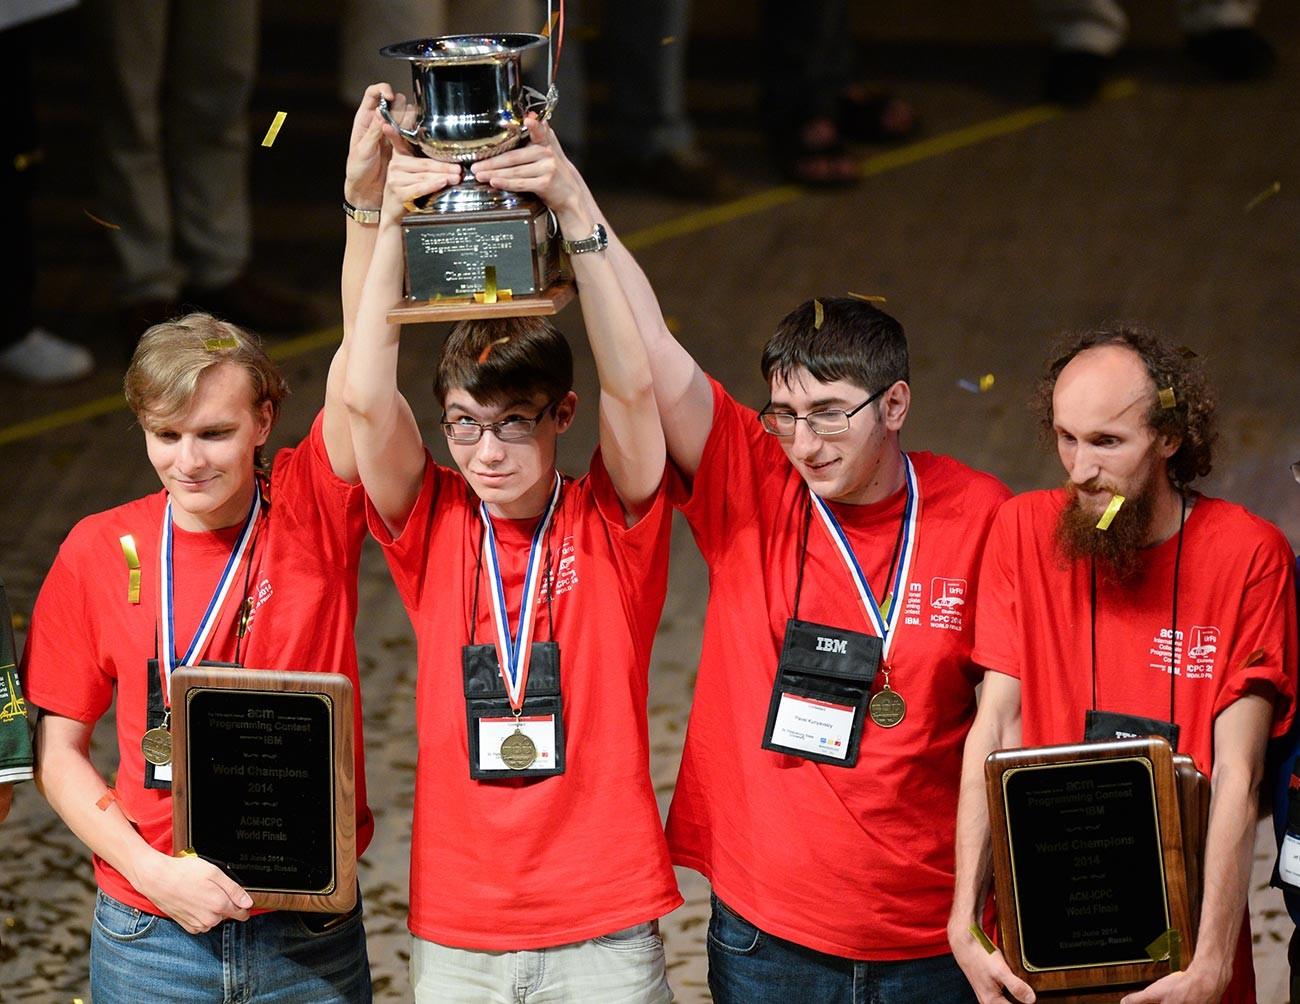 Das Team der Staatlichen Universität St. Petersburg, Gewinner des 38. ICPC-Finales (2018)